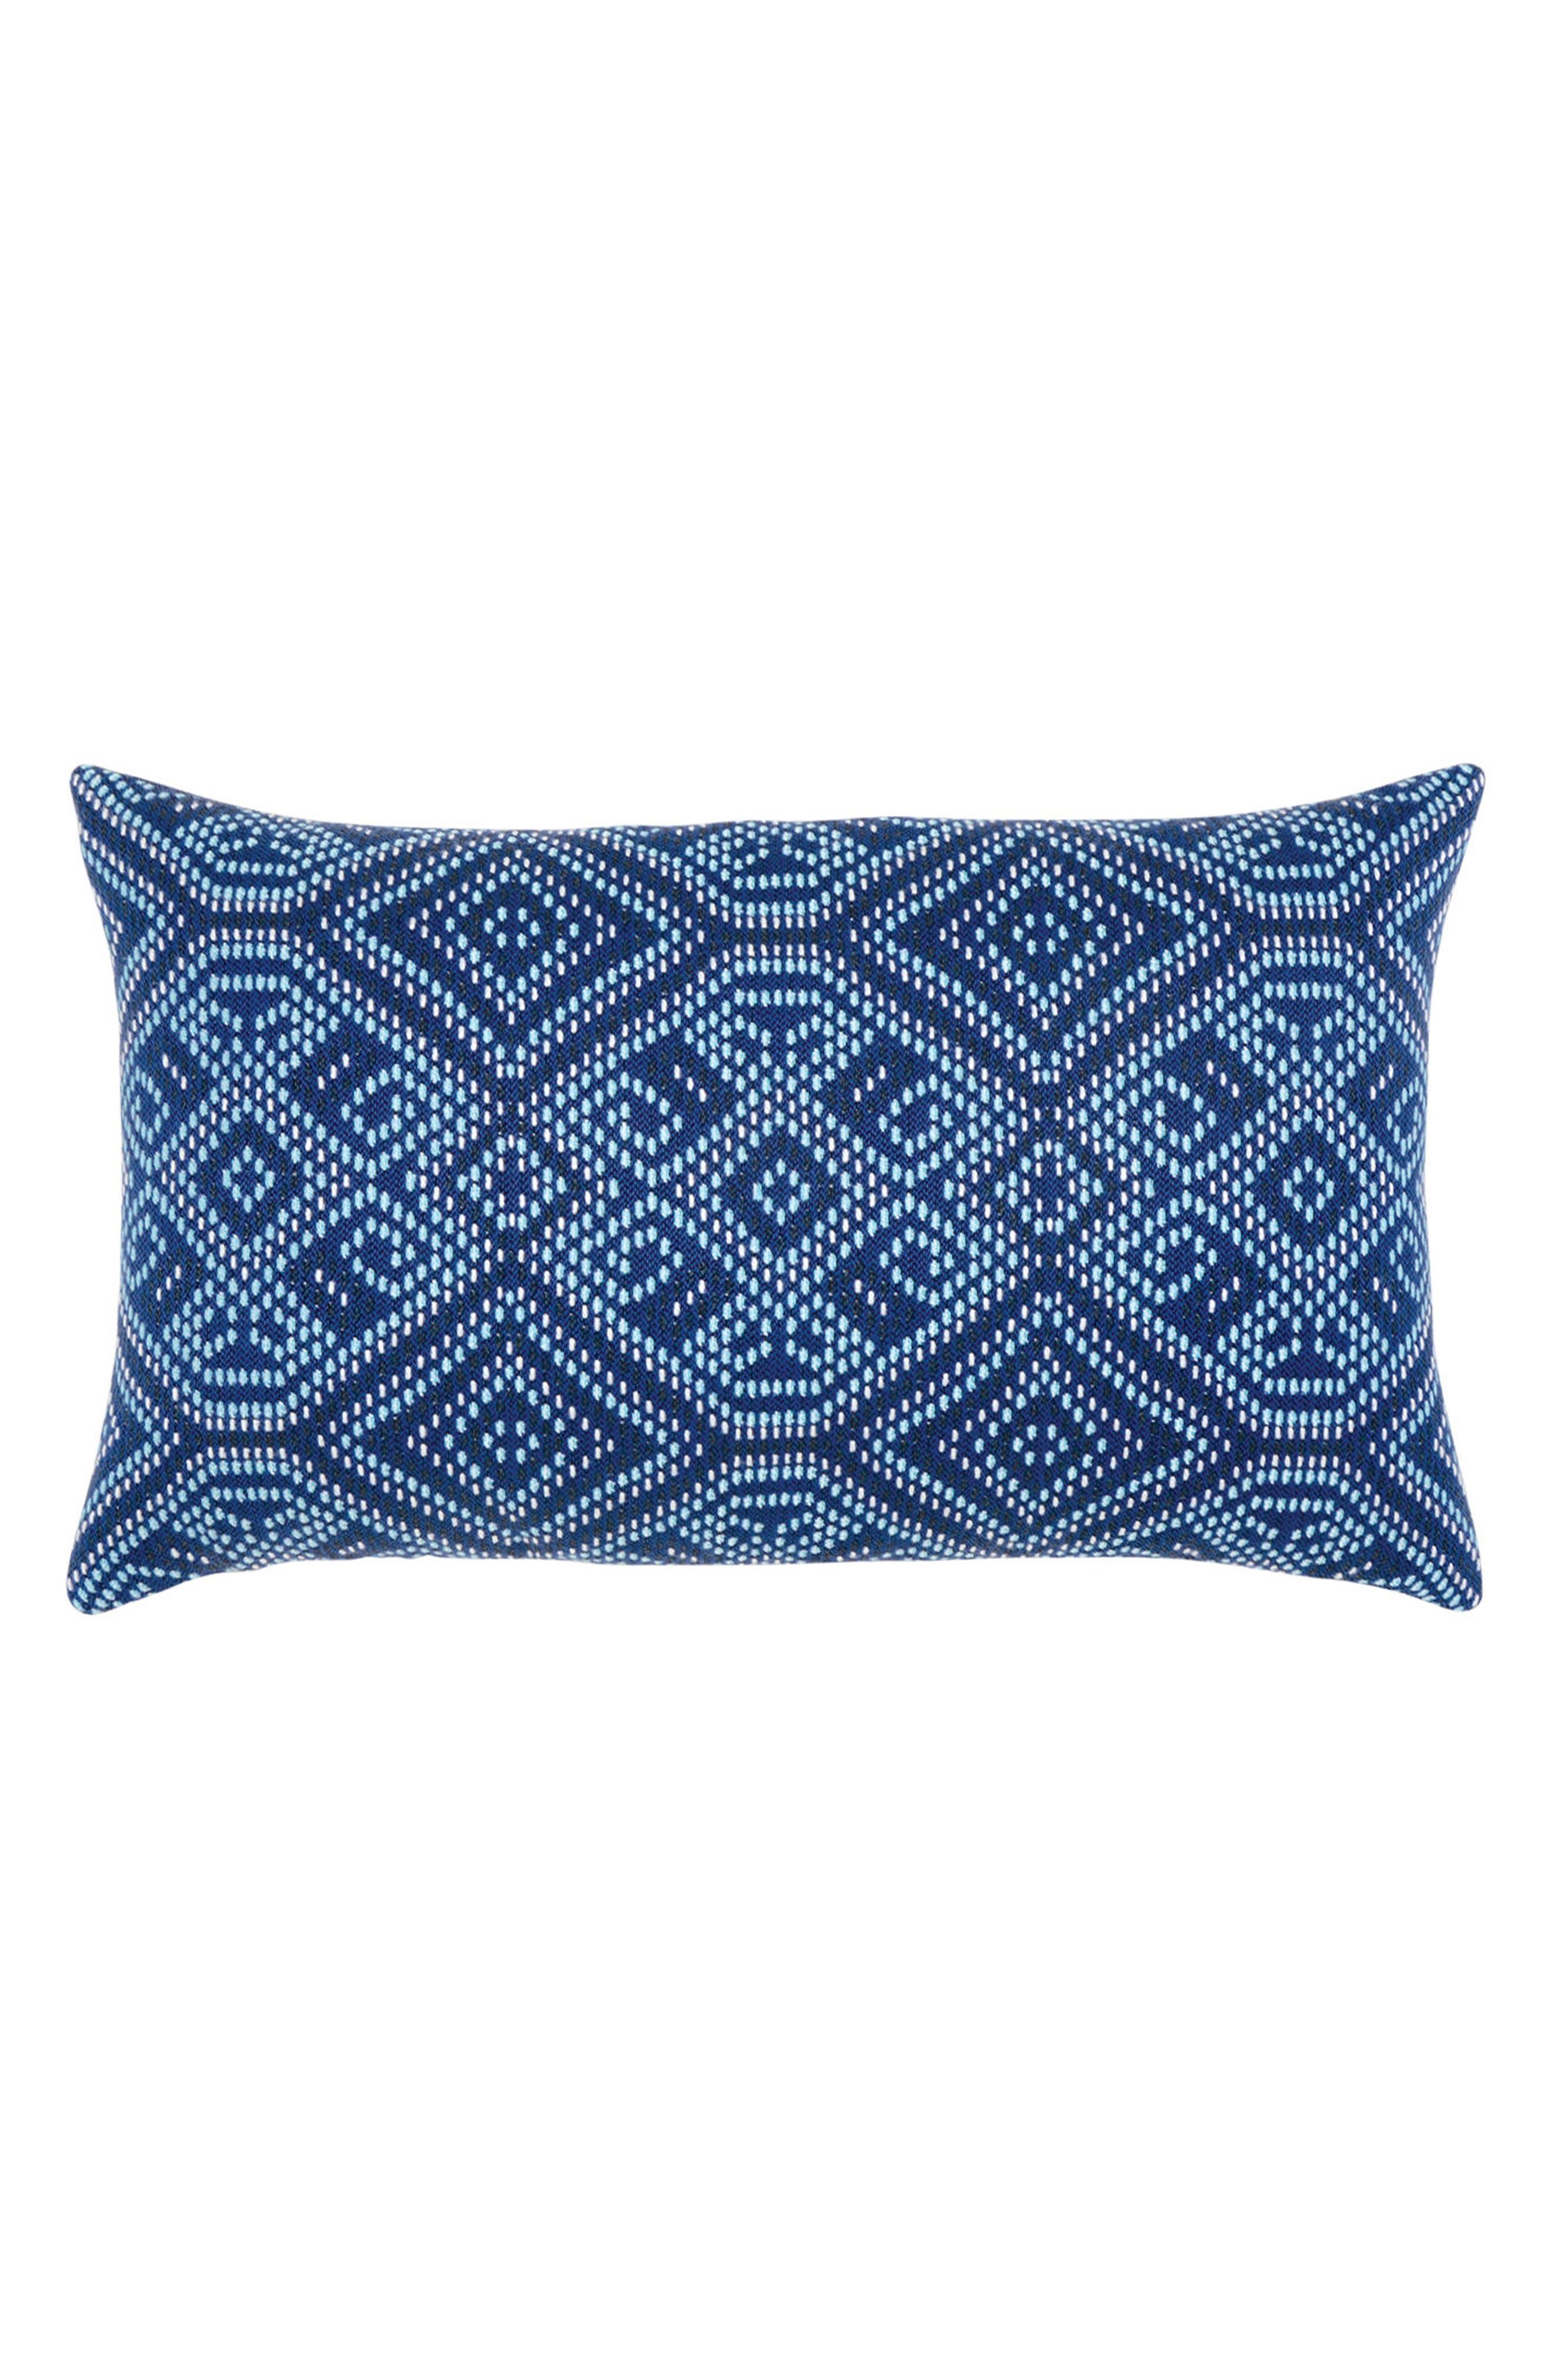 Elaine Smith Midnight Tile Lumbar Pillow